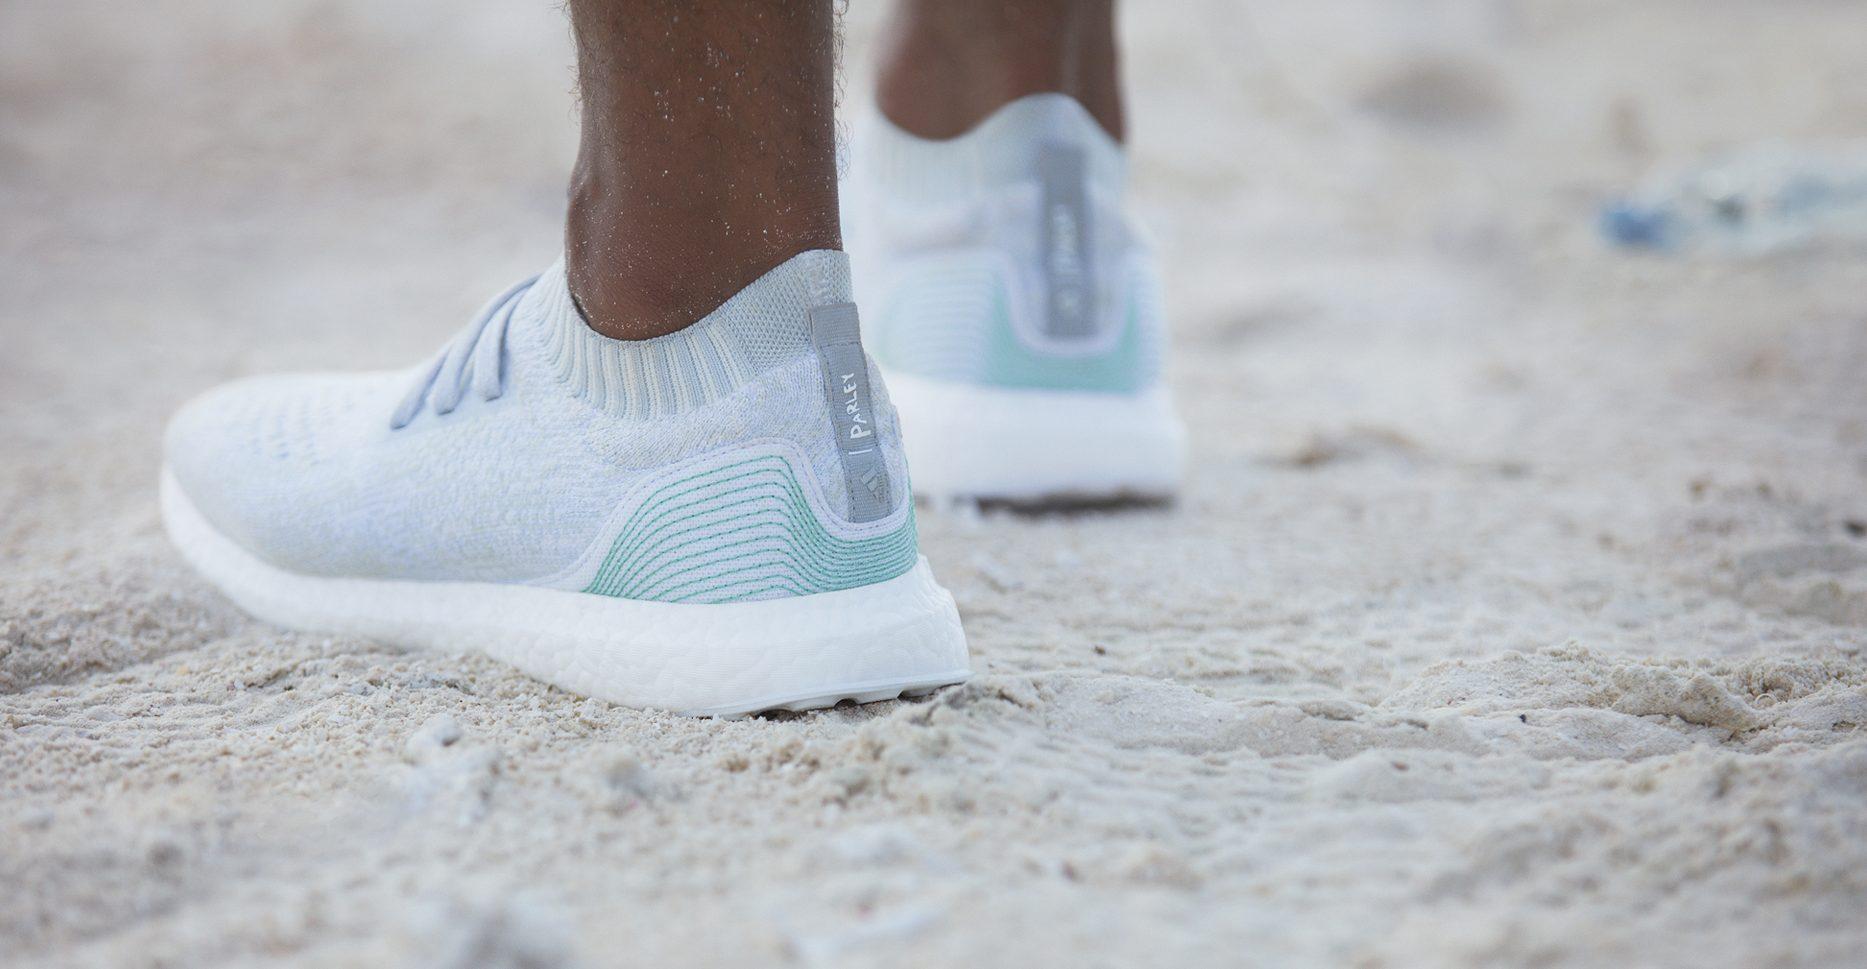 Adidas představil unikátní boty vyrobené z mořského odpadu ... fc3dc5aa3c